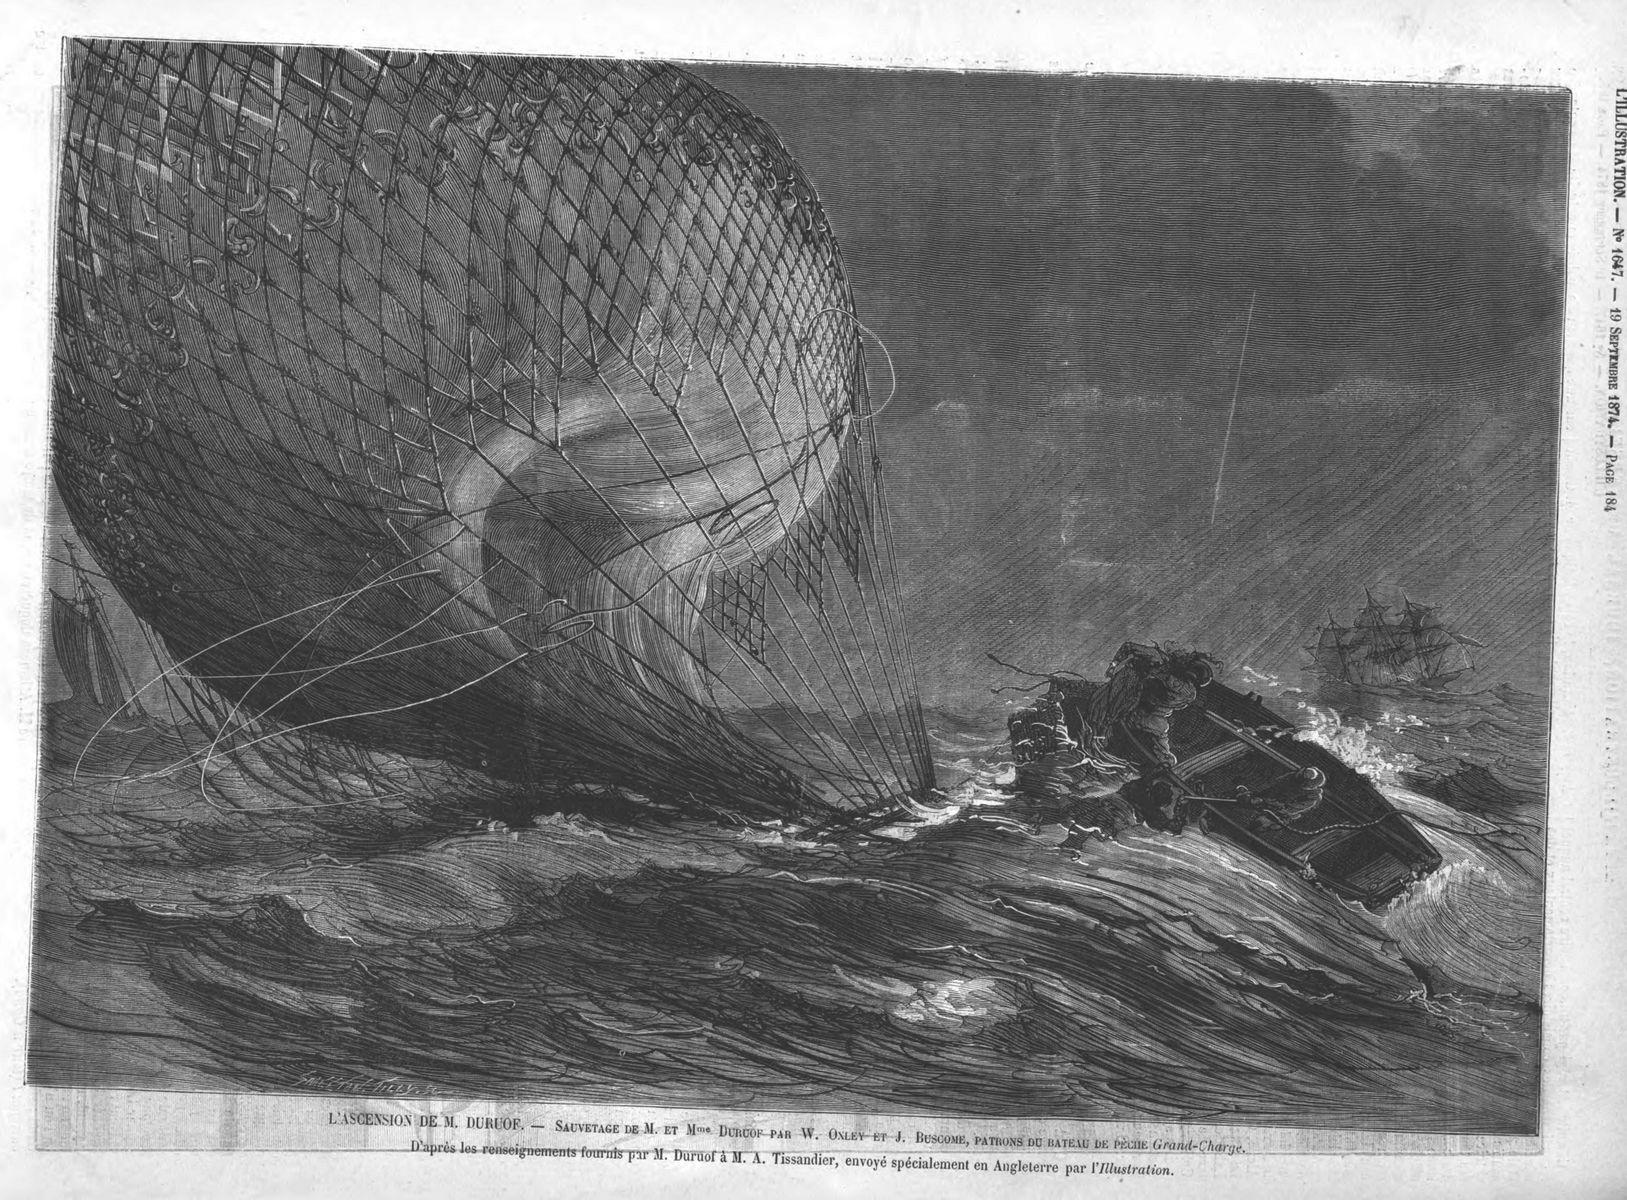 L'ascension de M. Duruof : sauvetage de M. et Mlle Duruof par W. Oxley et J. Buscome, patrons du bateau de pèche Grand-Charge. Gravure 1874